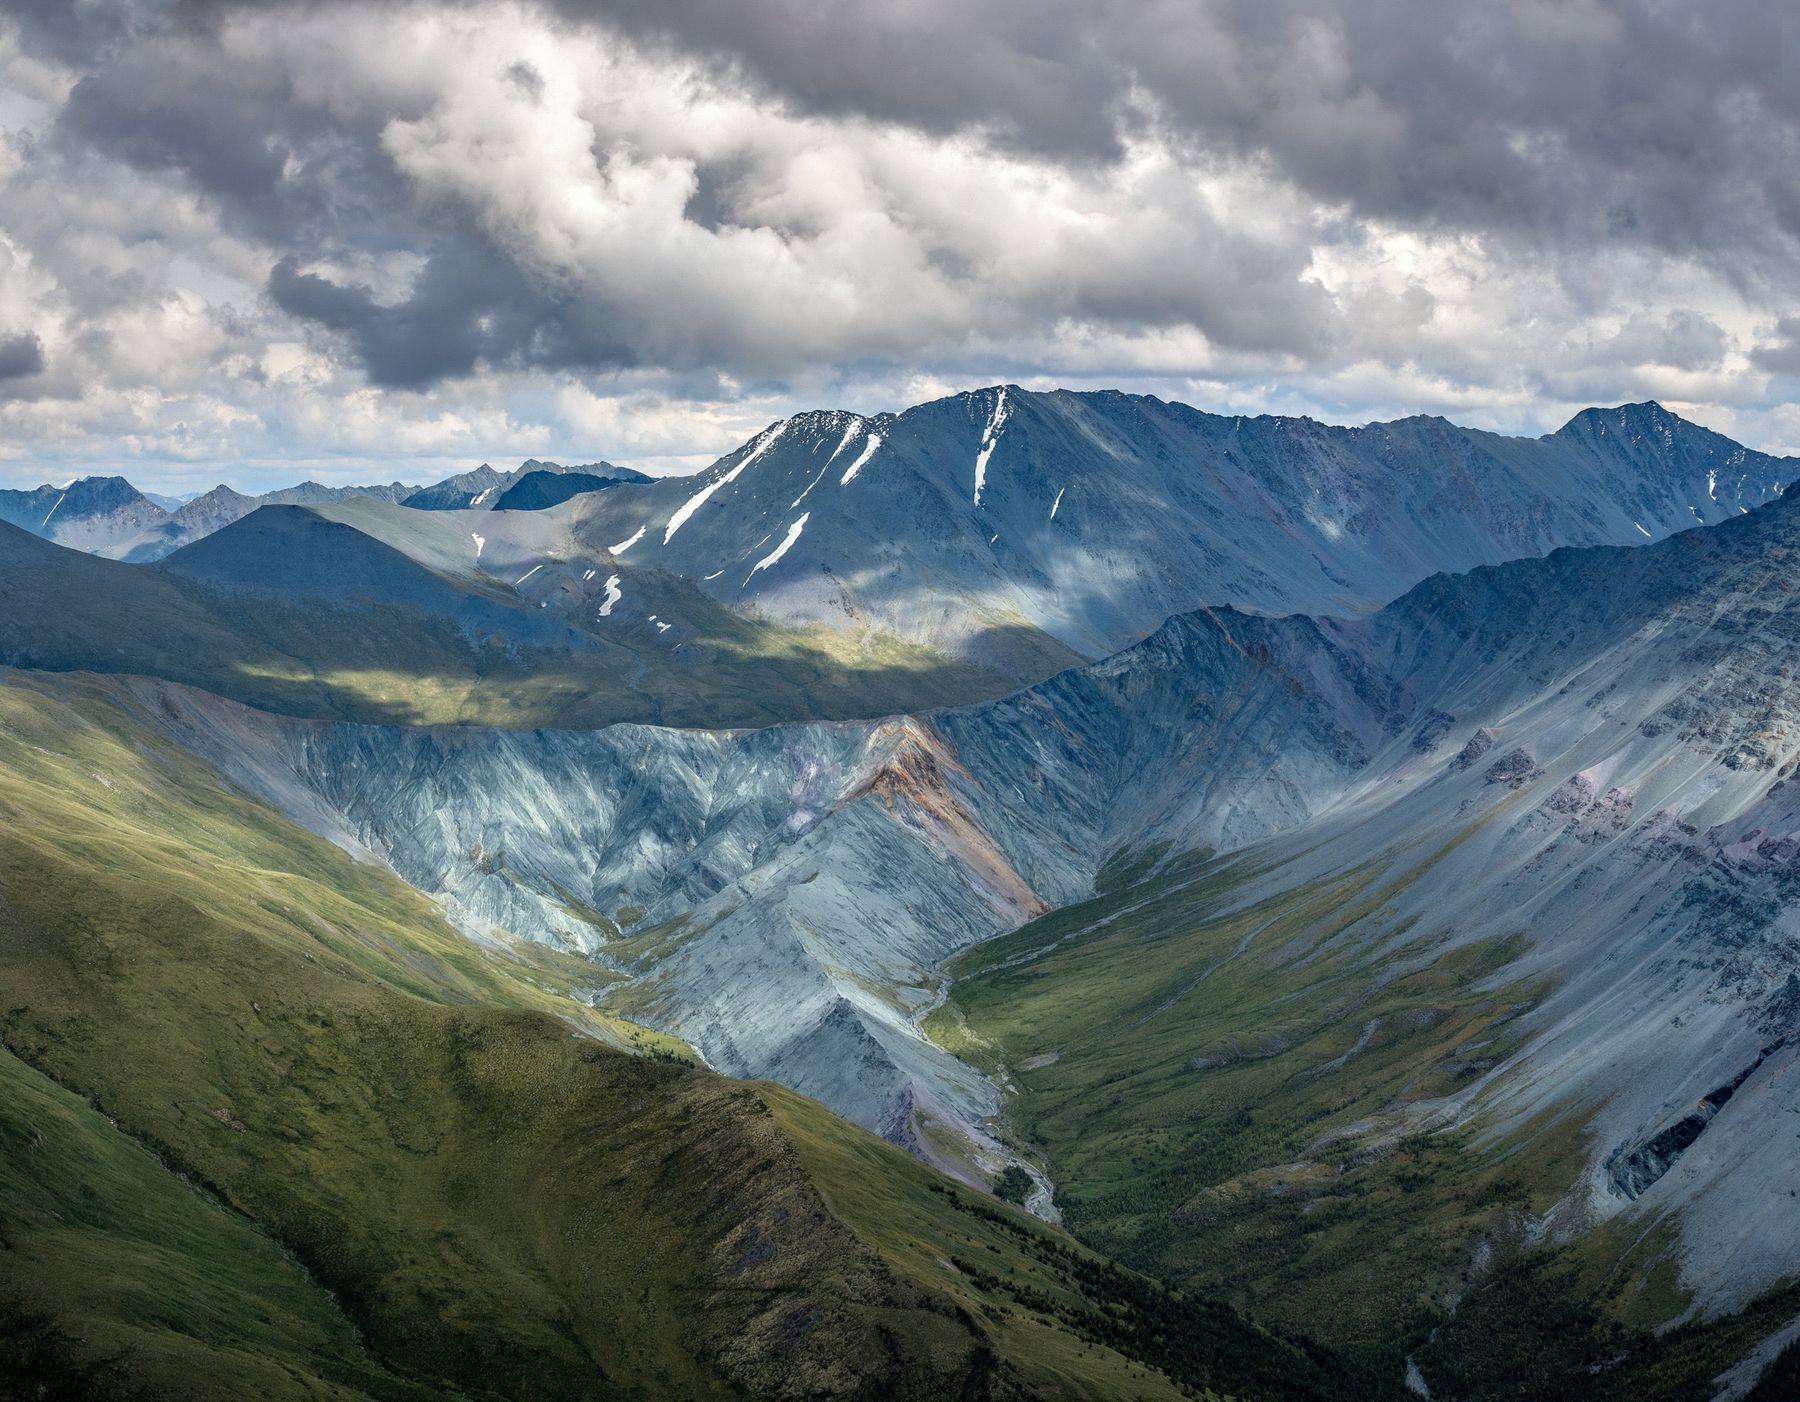 Долина Ярлу. горы алтай горный пейзаж природа россия ник васильев красота перевал кара-тюрек долина ярлу эдельвейсов рерих облака